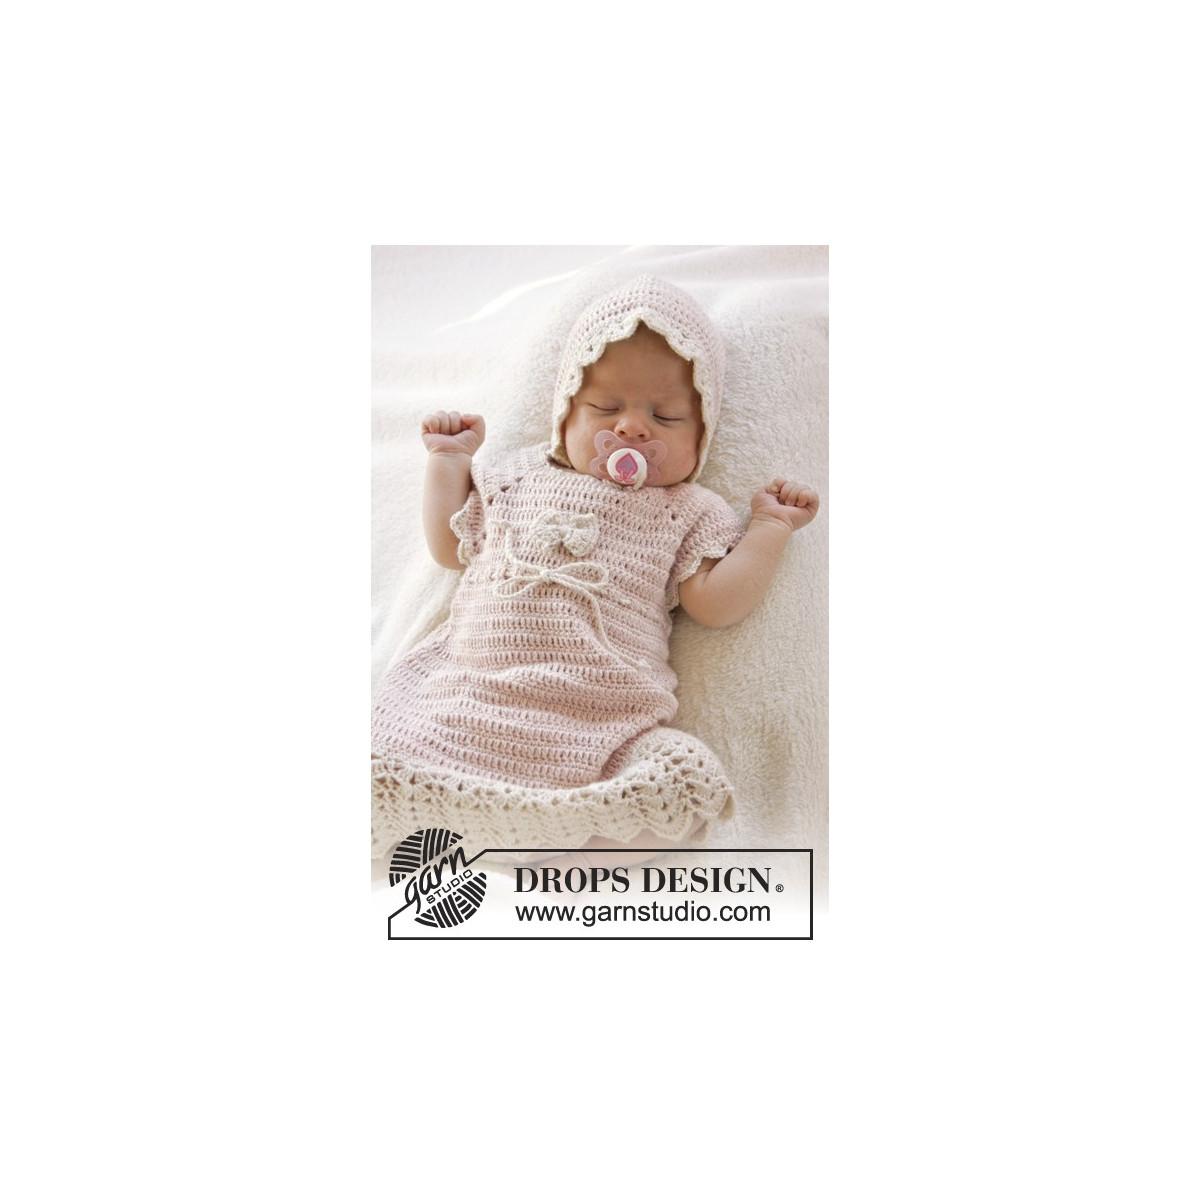 fcea84258d65 Beth by DROPS Design - Baby Klänning Virk-mönster strl. 0/1 mdr - 3/4 år -  Rito.se